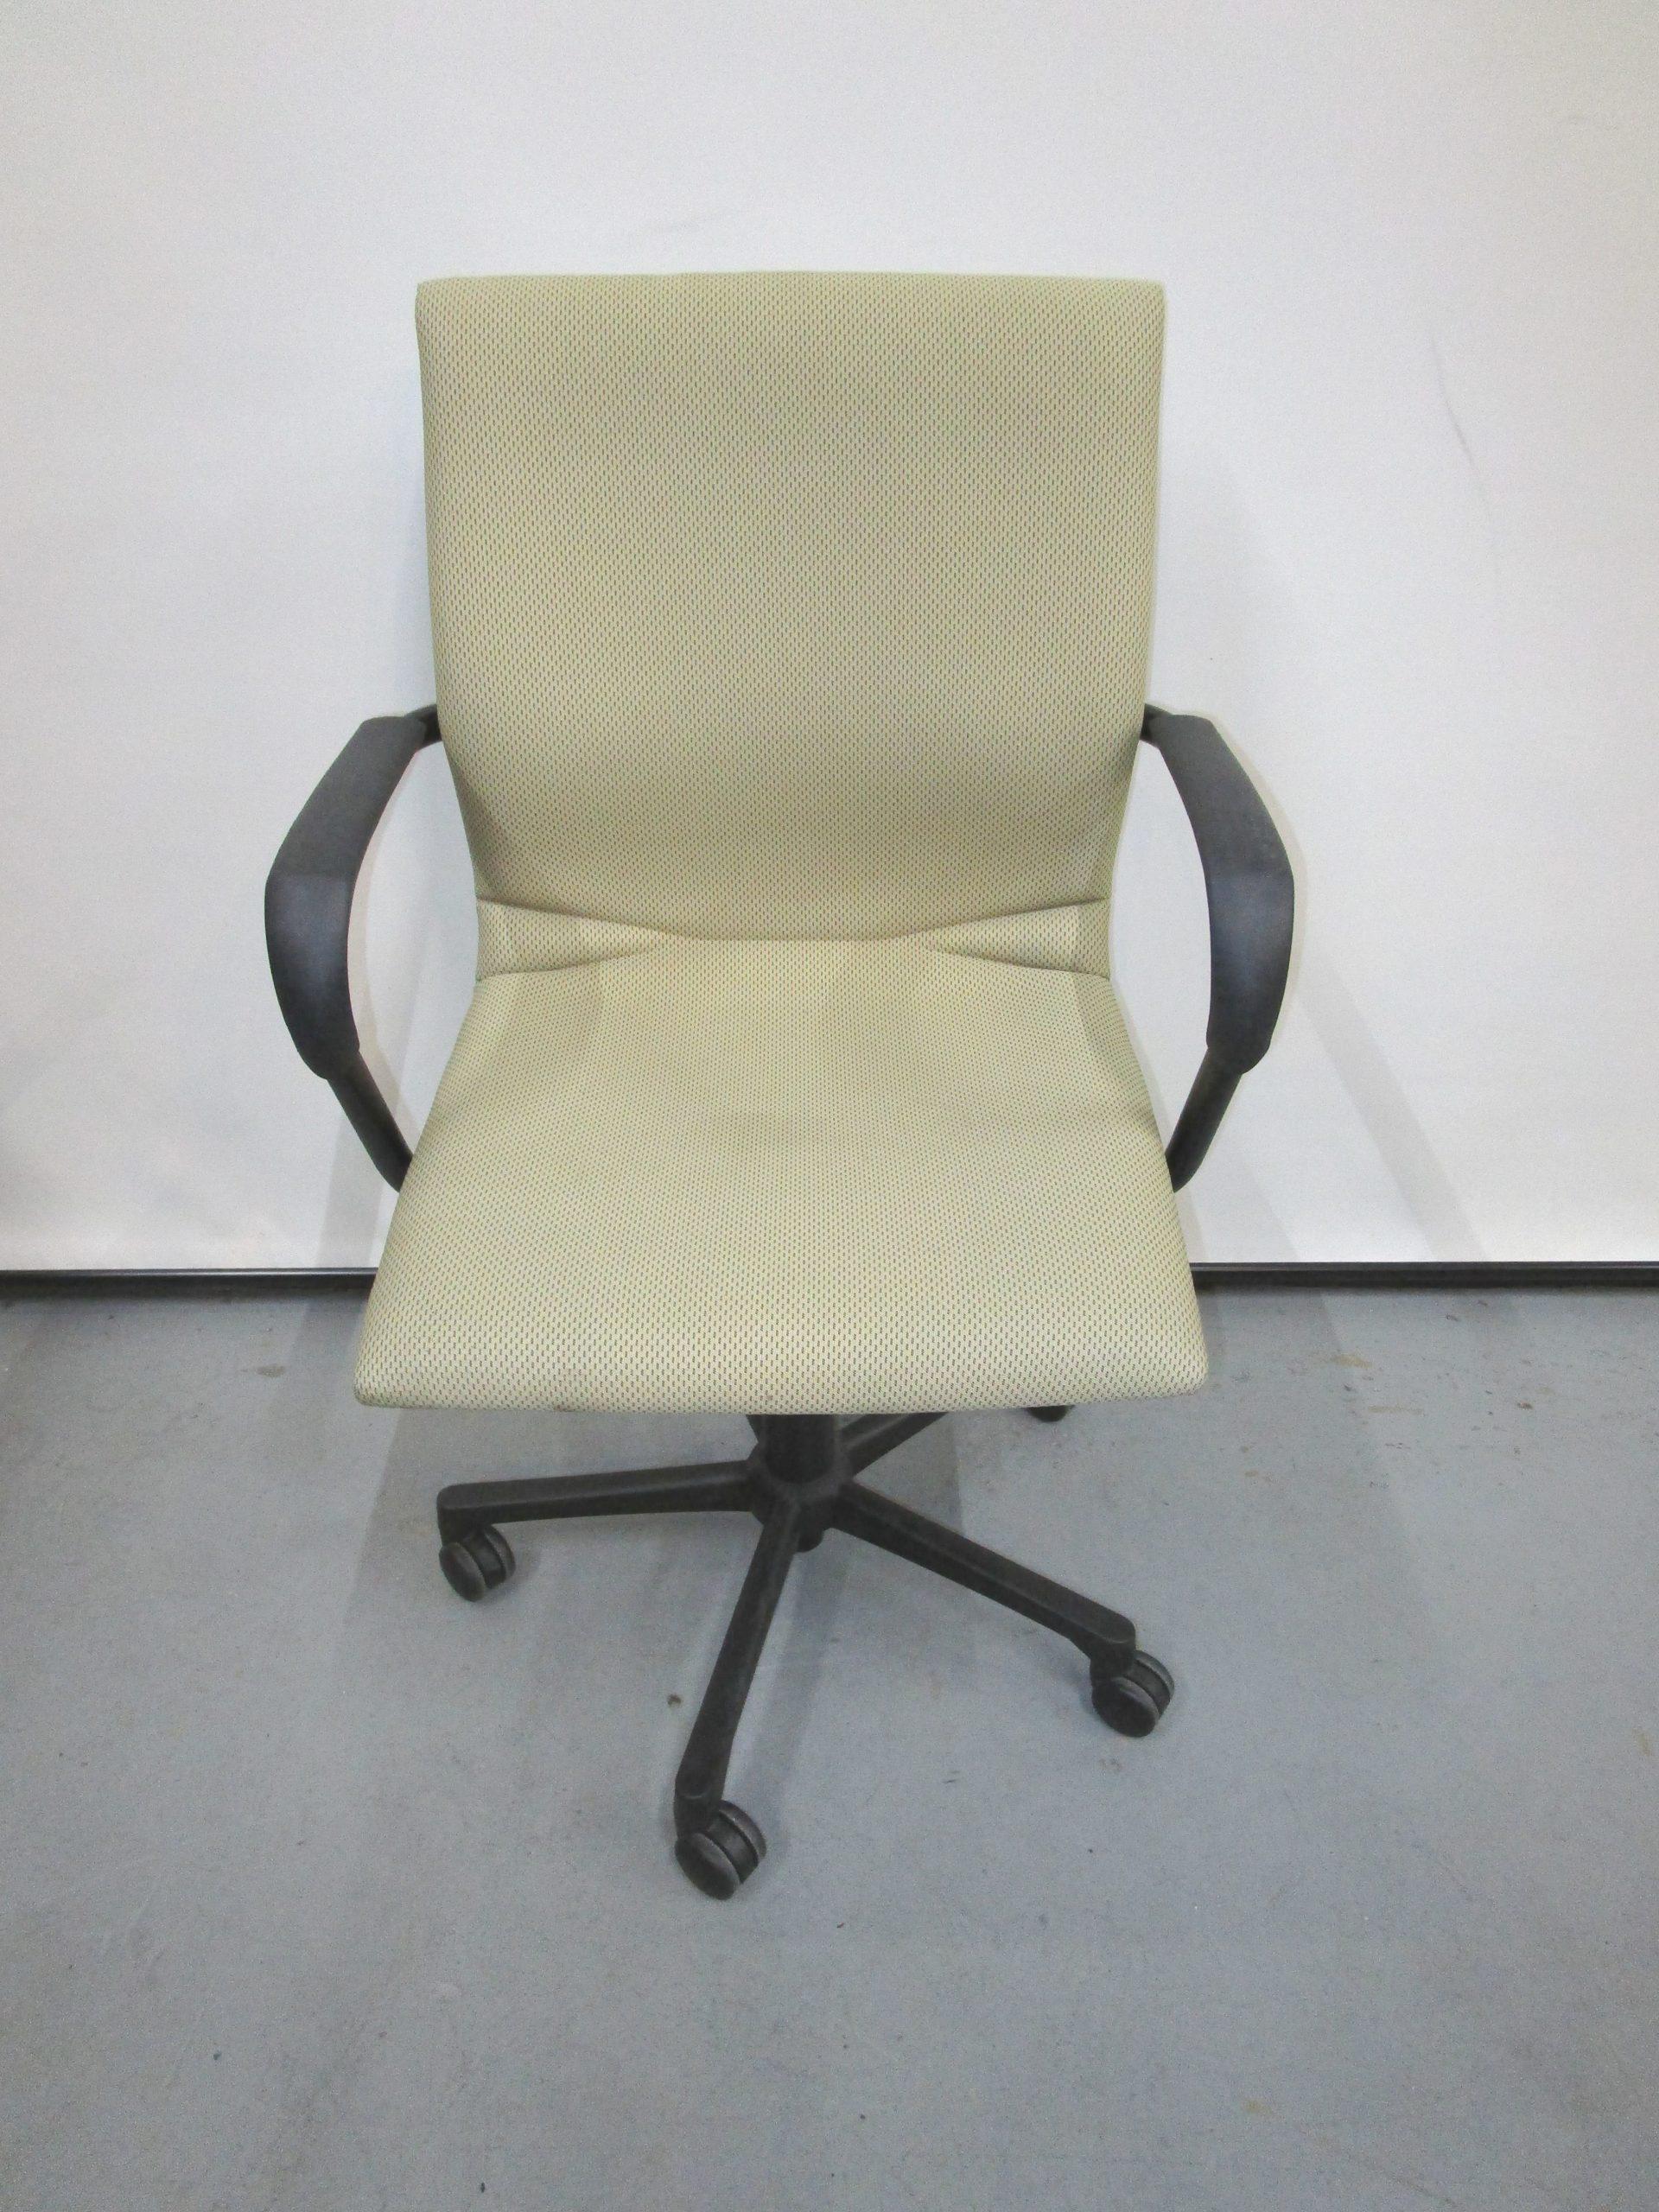 Steelcase Protégé Chair-tan Fabric